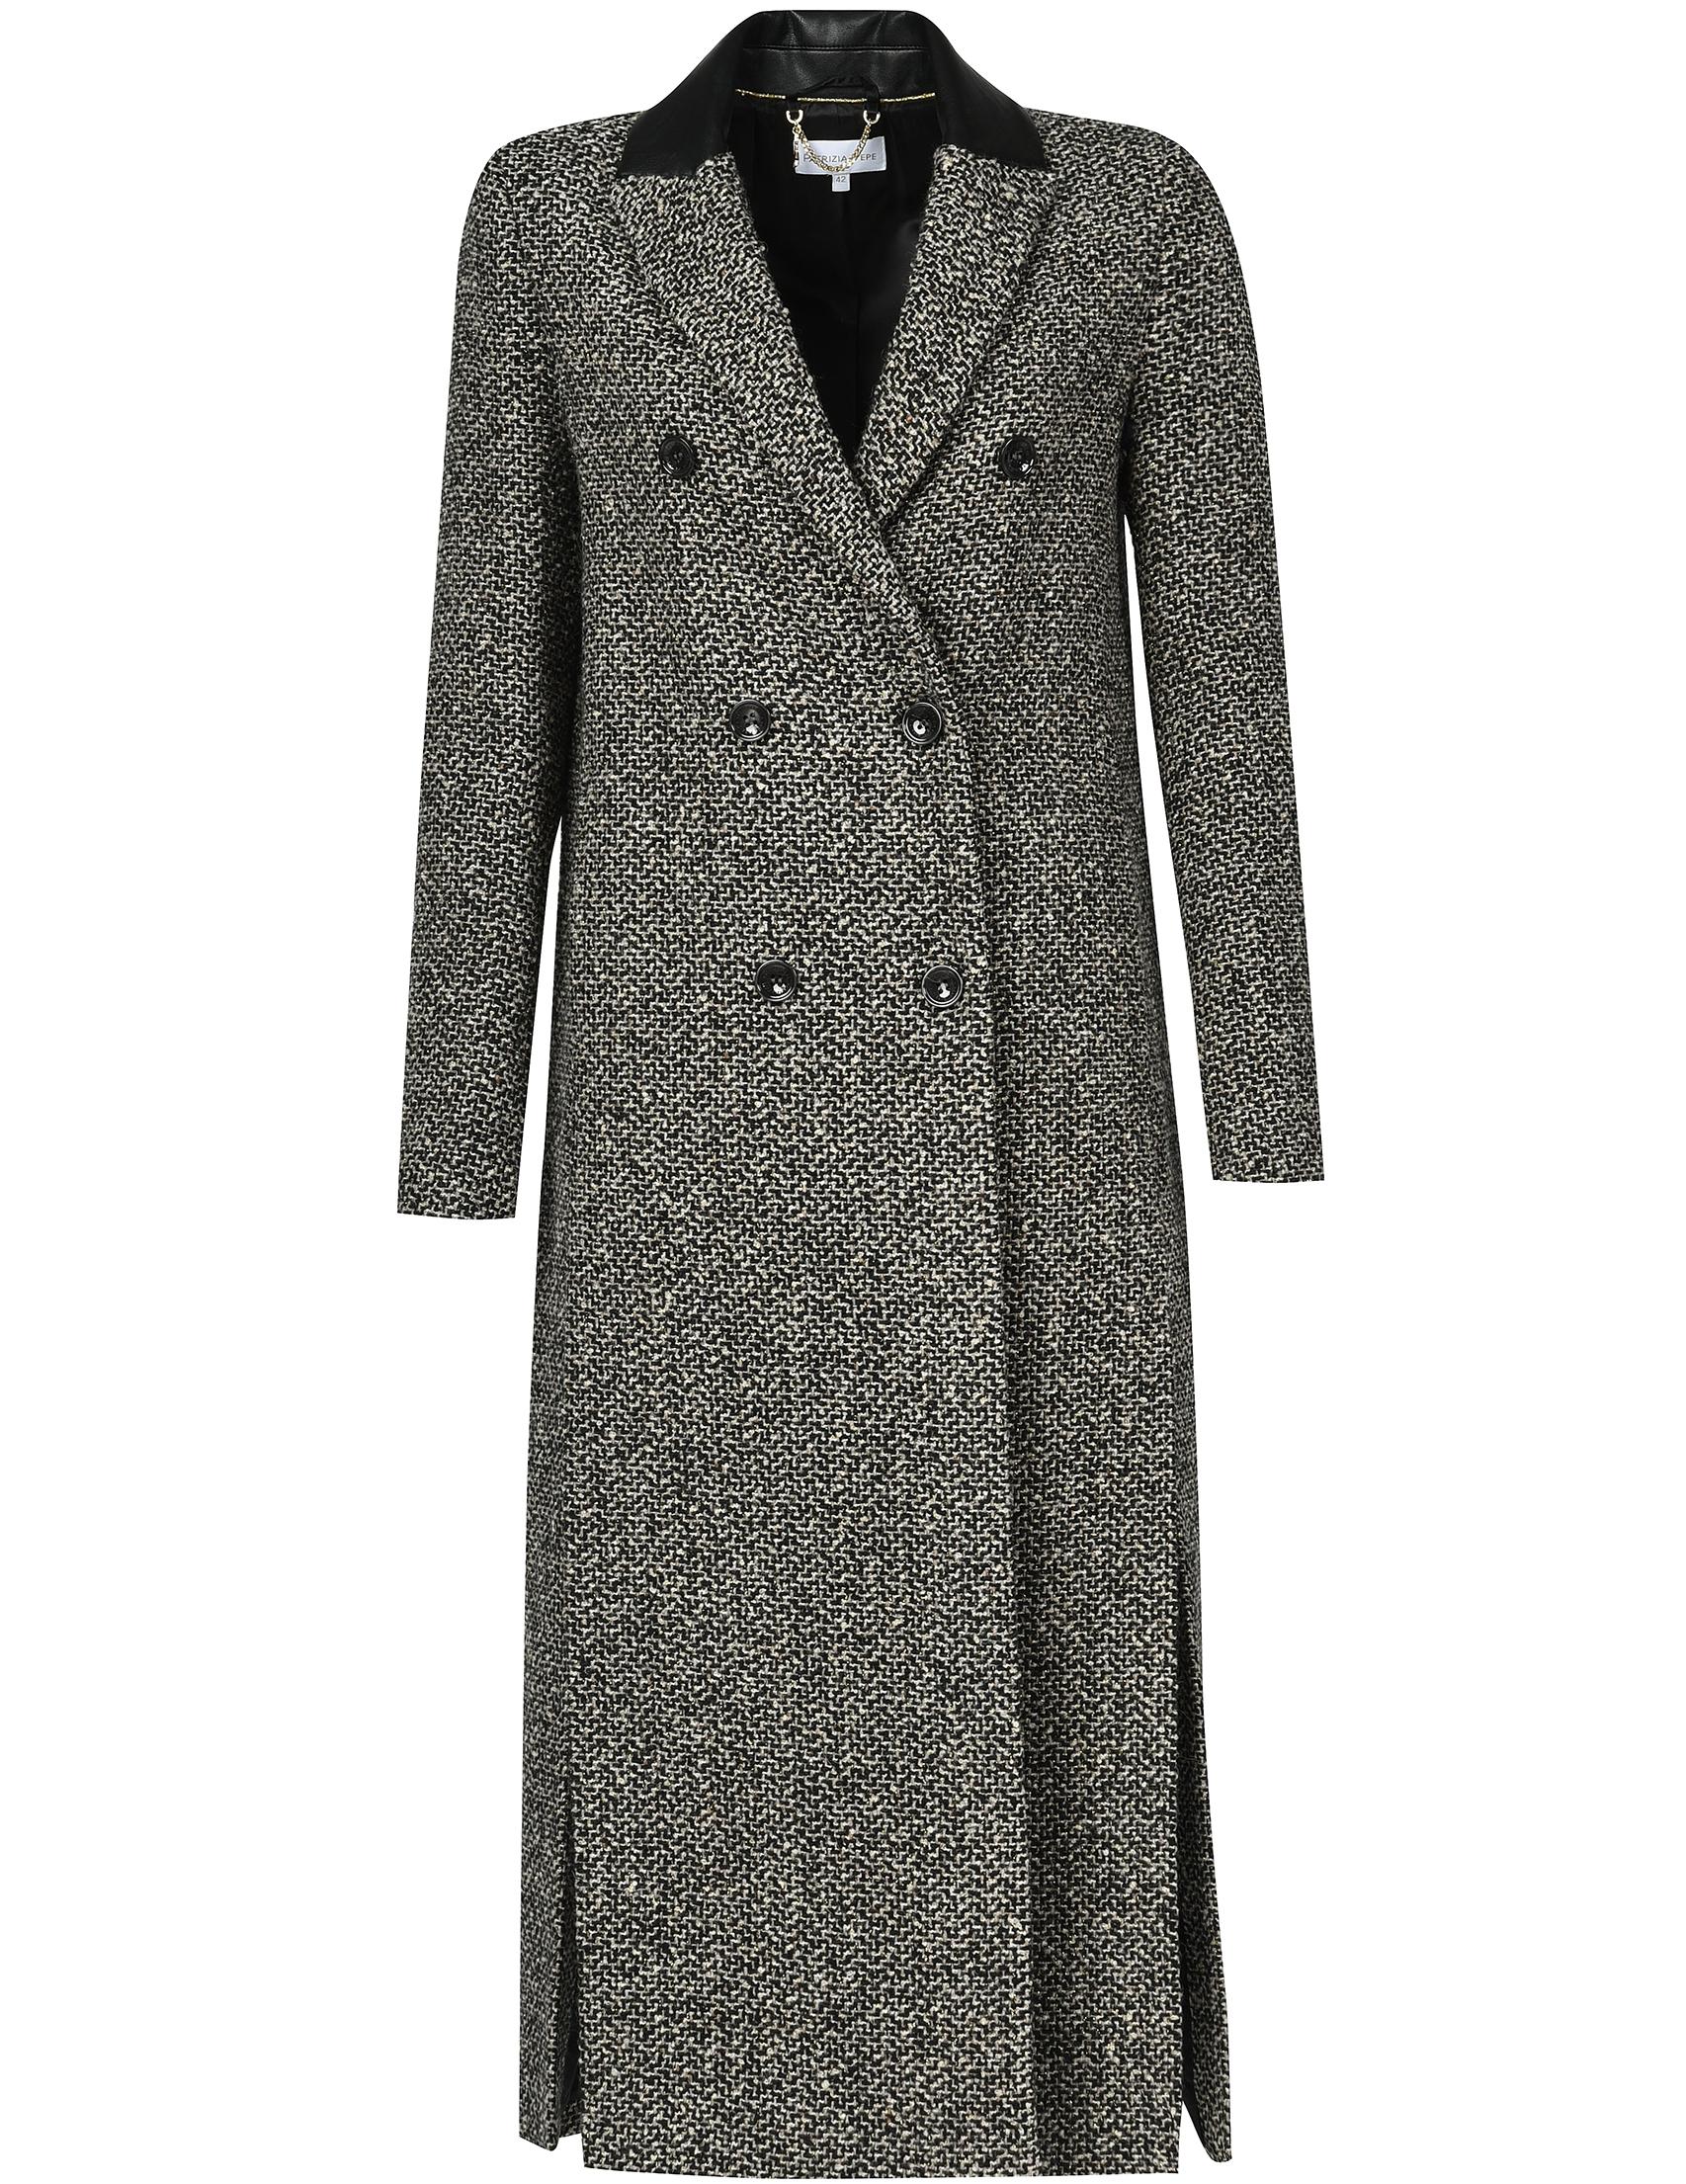 Купить Пальто, PATRIZIA PEPE, Серый, 42%Акрил 44%Шерсть 5%Полиамид 9%Полиэстер, Осень-Зима